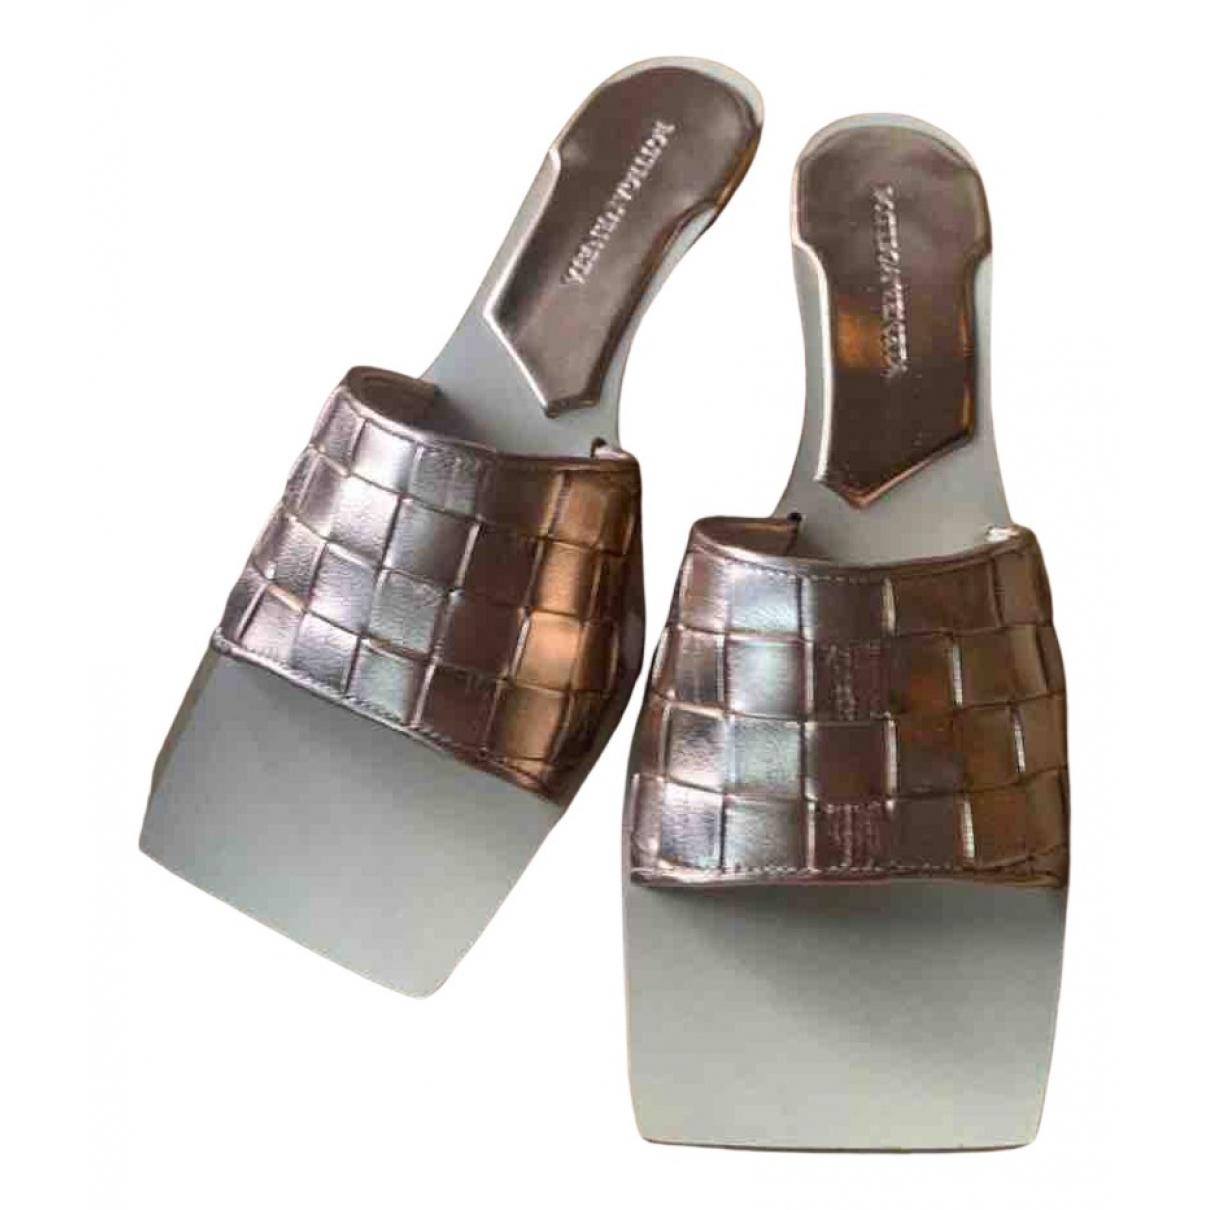 Bottega Veneta N Leather Sandals for Women 37.5 EU